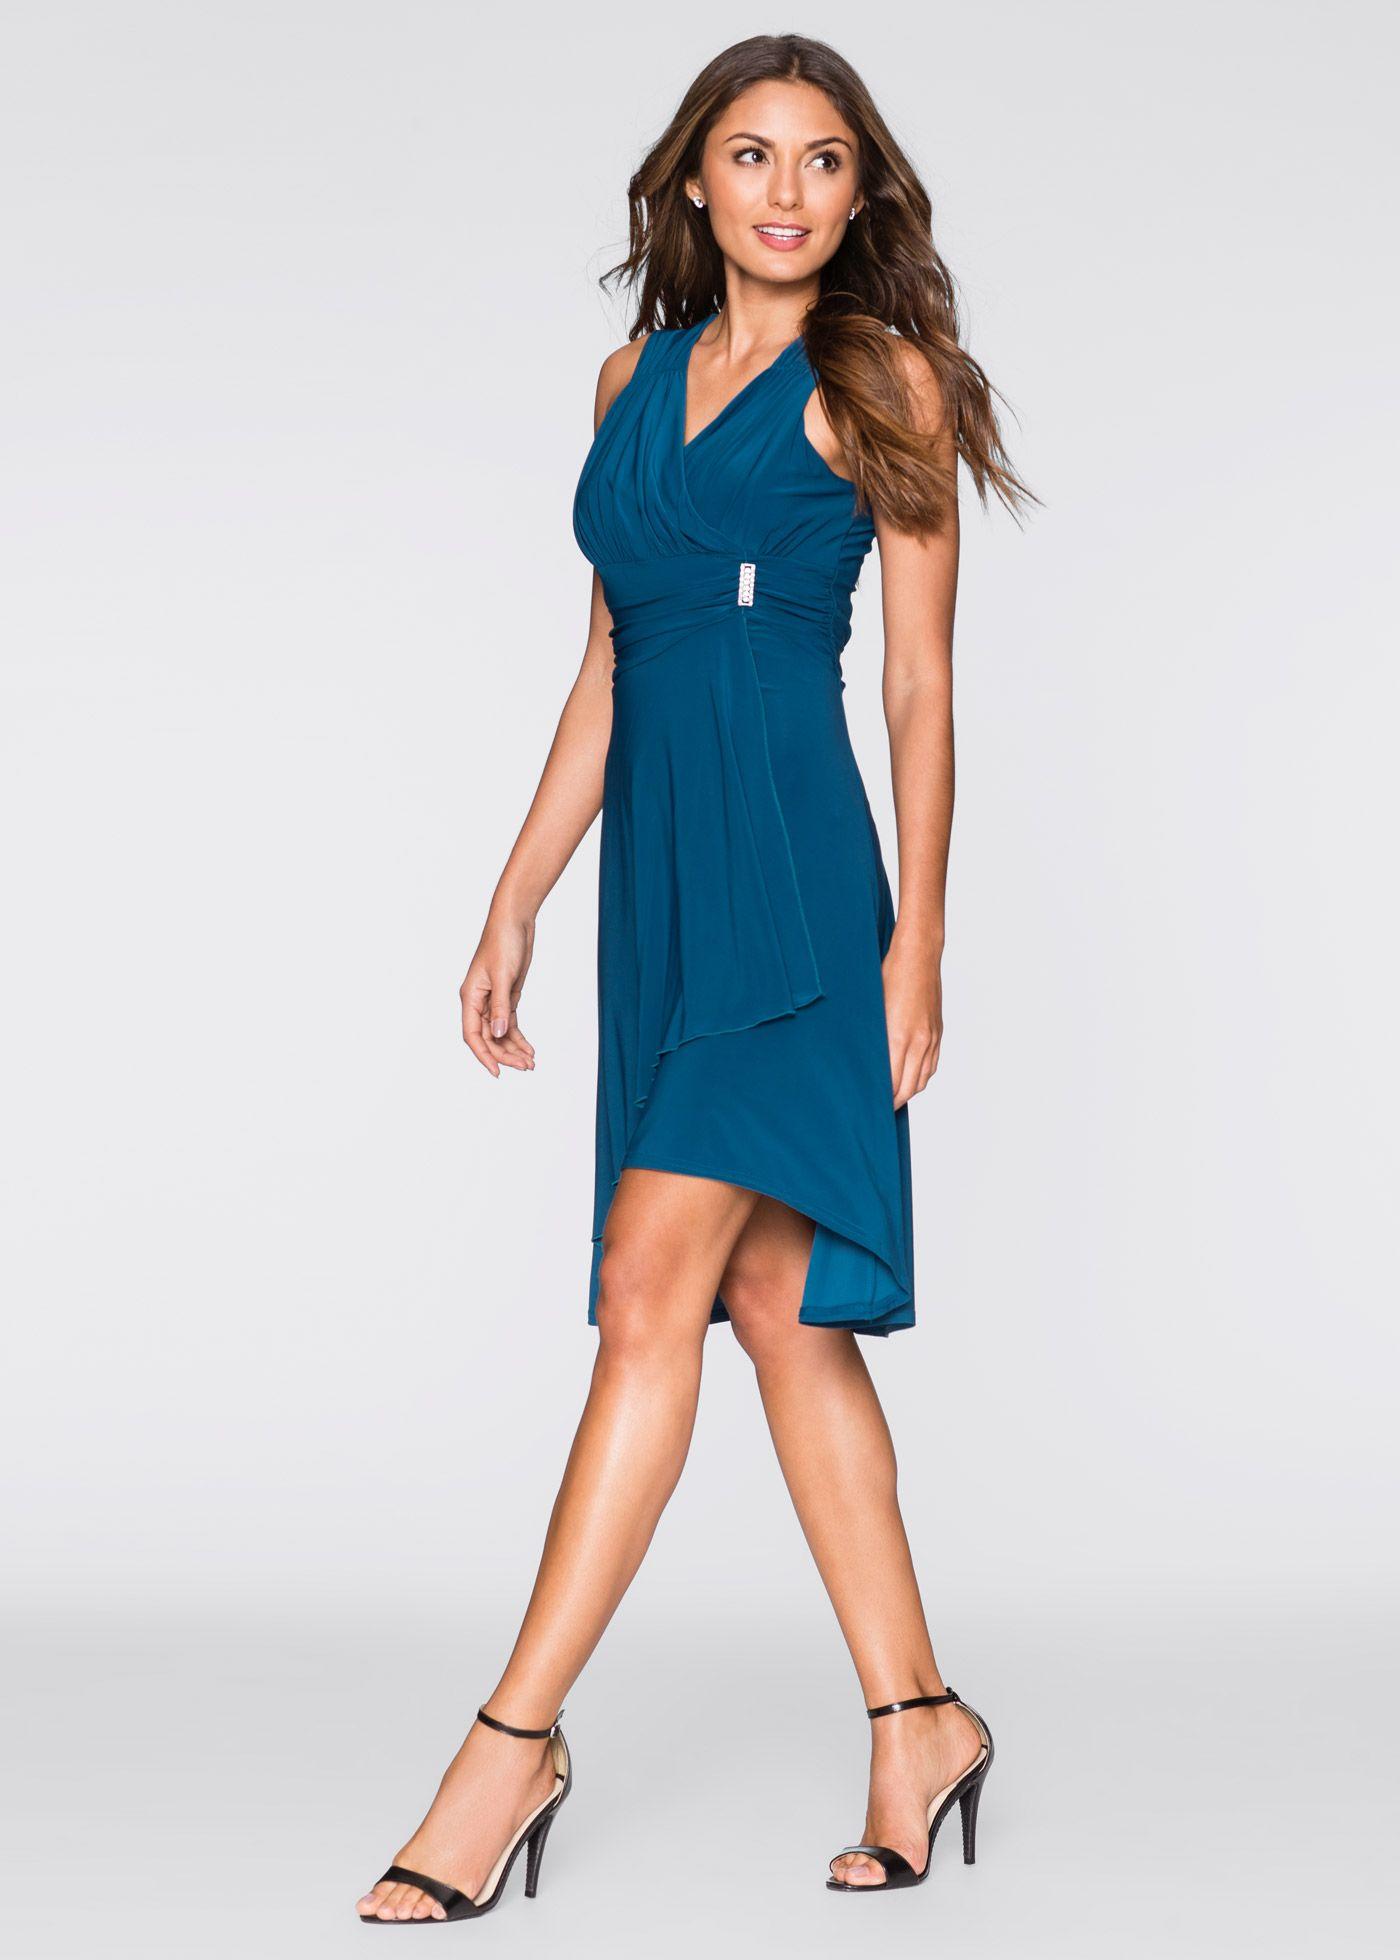 Kleid mit Applikation blau - BODYFLIRT jetzt im Online Shop von